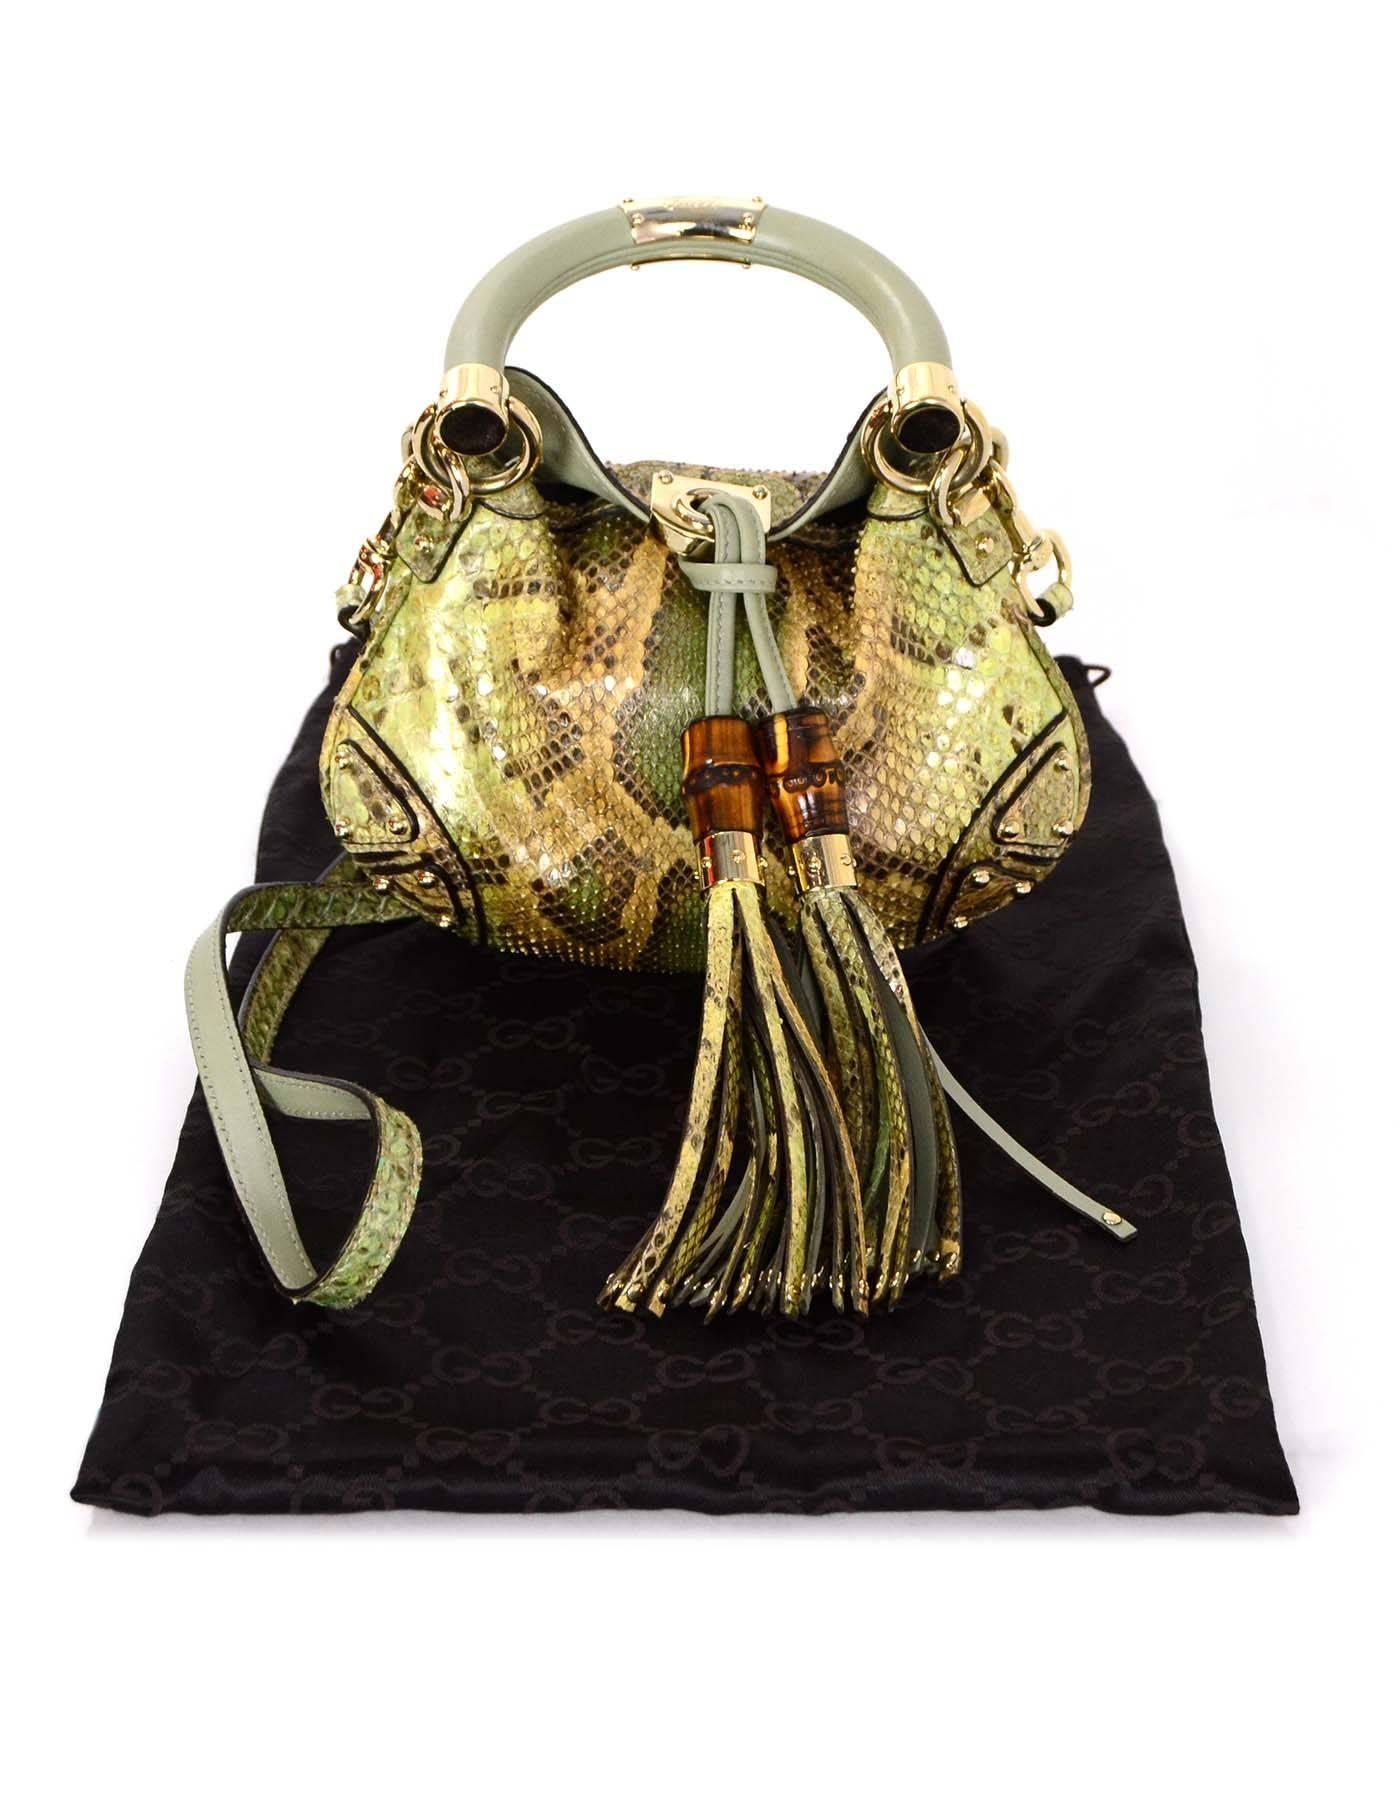 1f1416a8cc1b Gucci Python Mini Indy Crossbody Bag w  Tassels rt.  2